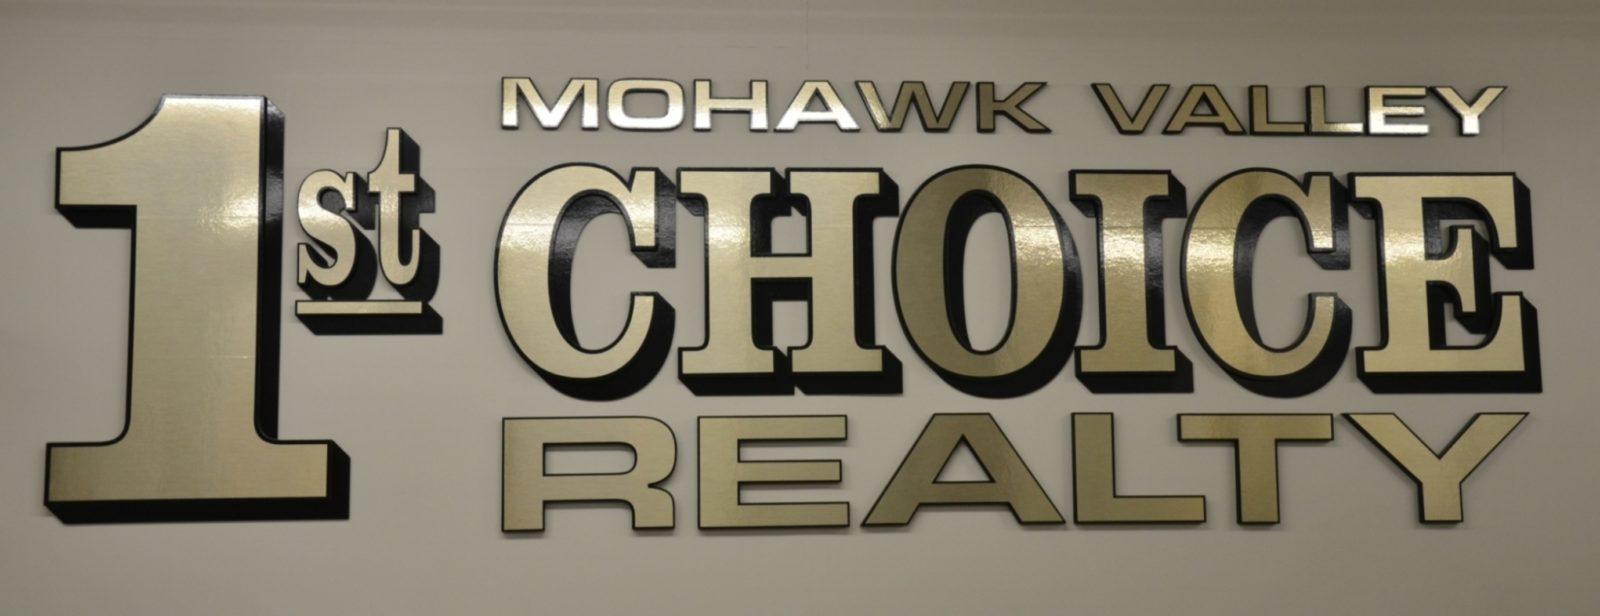 ron-stewart-new-hartford-new-york-real-estate-agent-banner